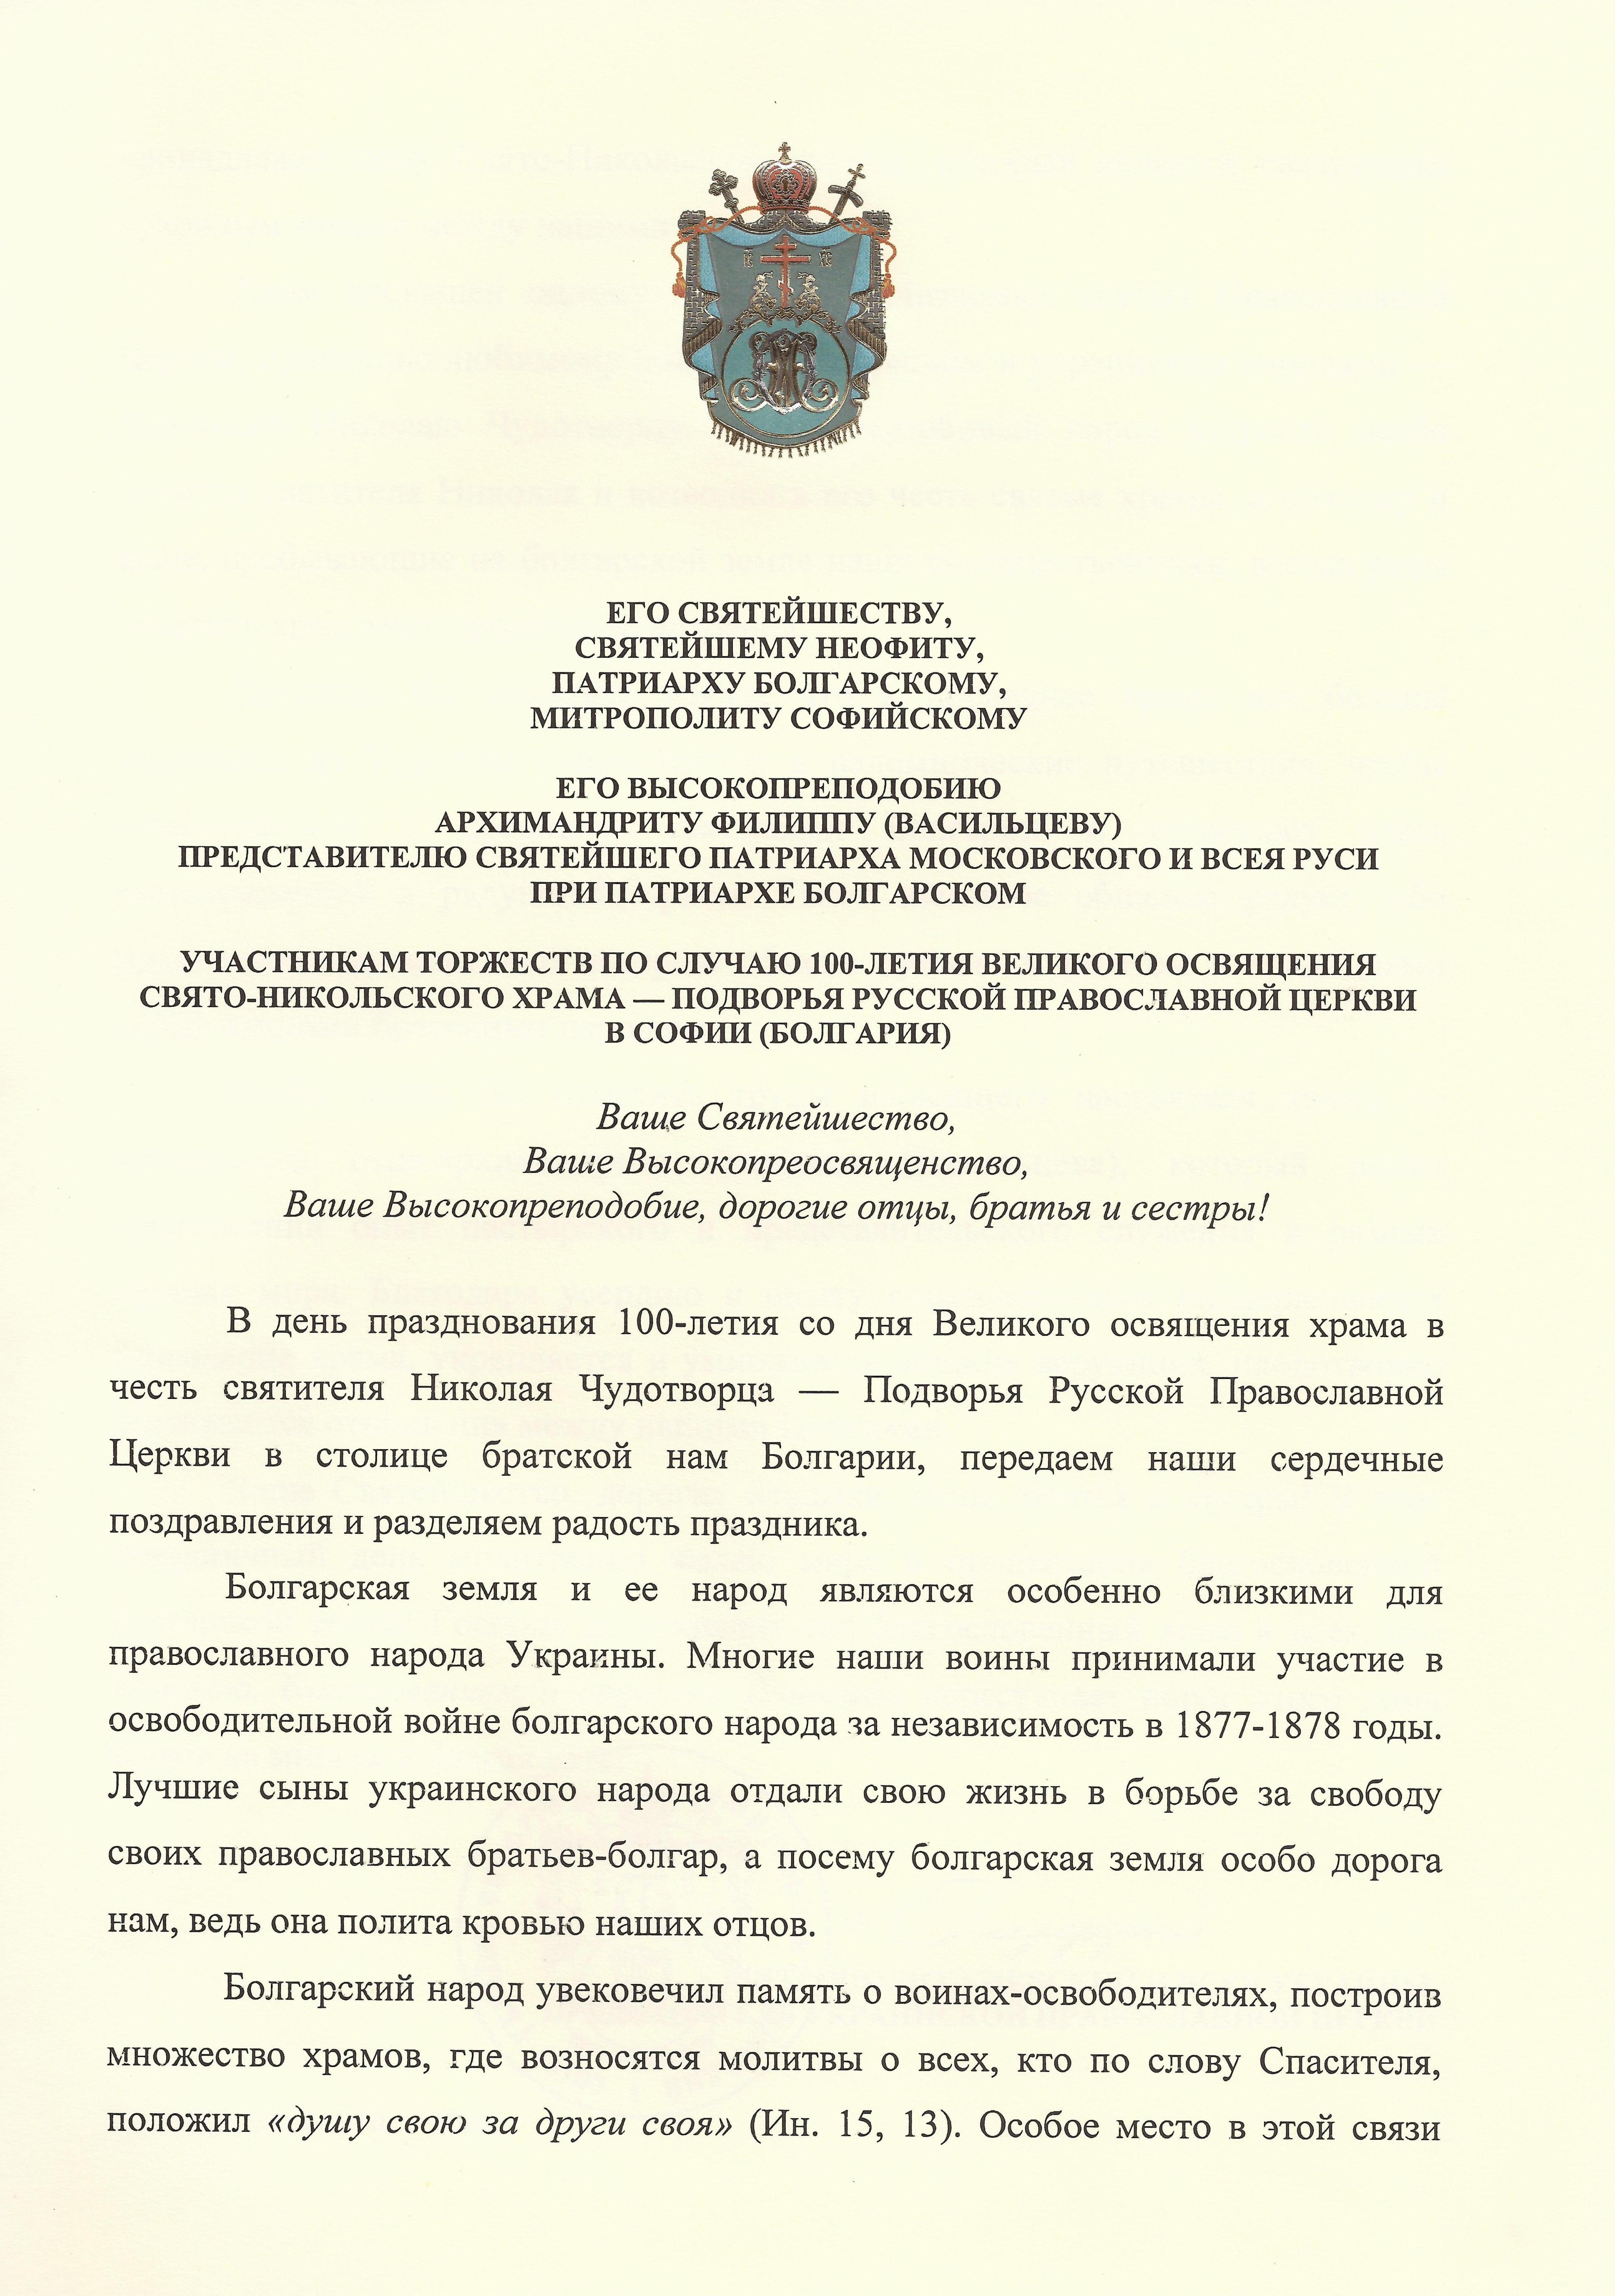 Поздравление-митрополита-Онуфрия-1